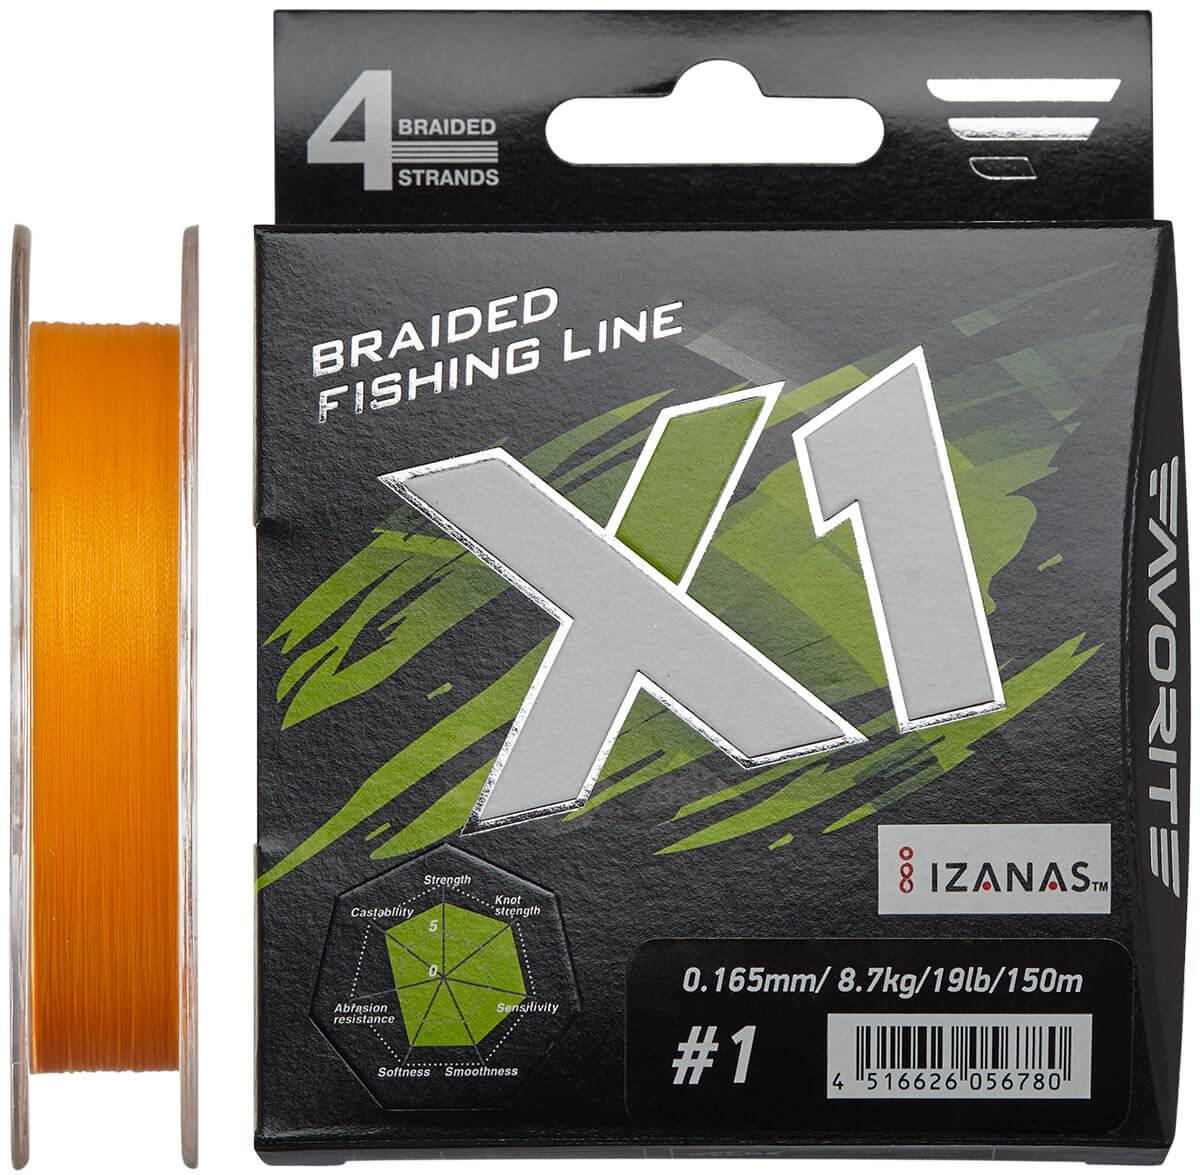 Шнур Favorite X1 PE 4x 150m #1.0/0.165mm 19lb/8.7kg Оранжевый (1693.11.20)